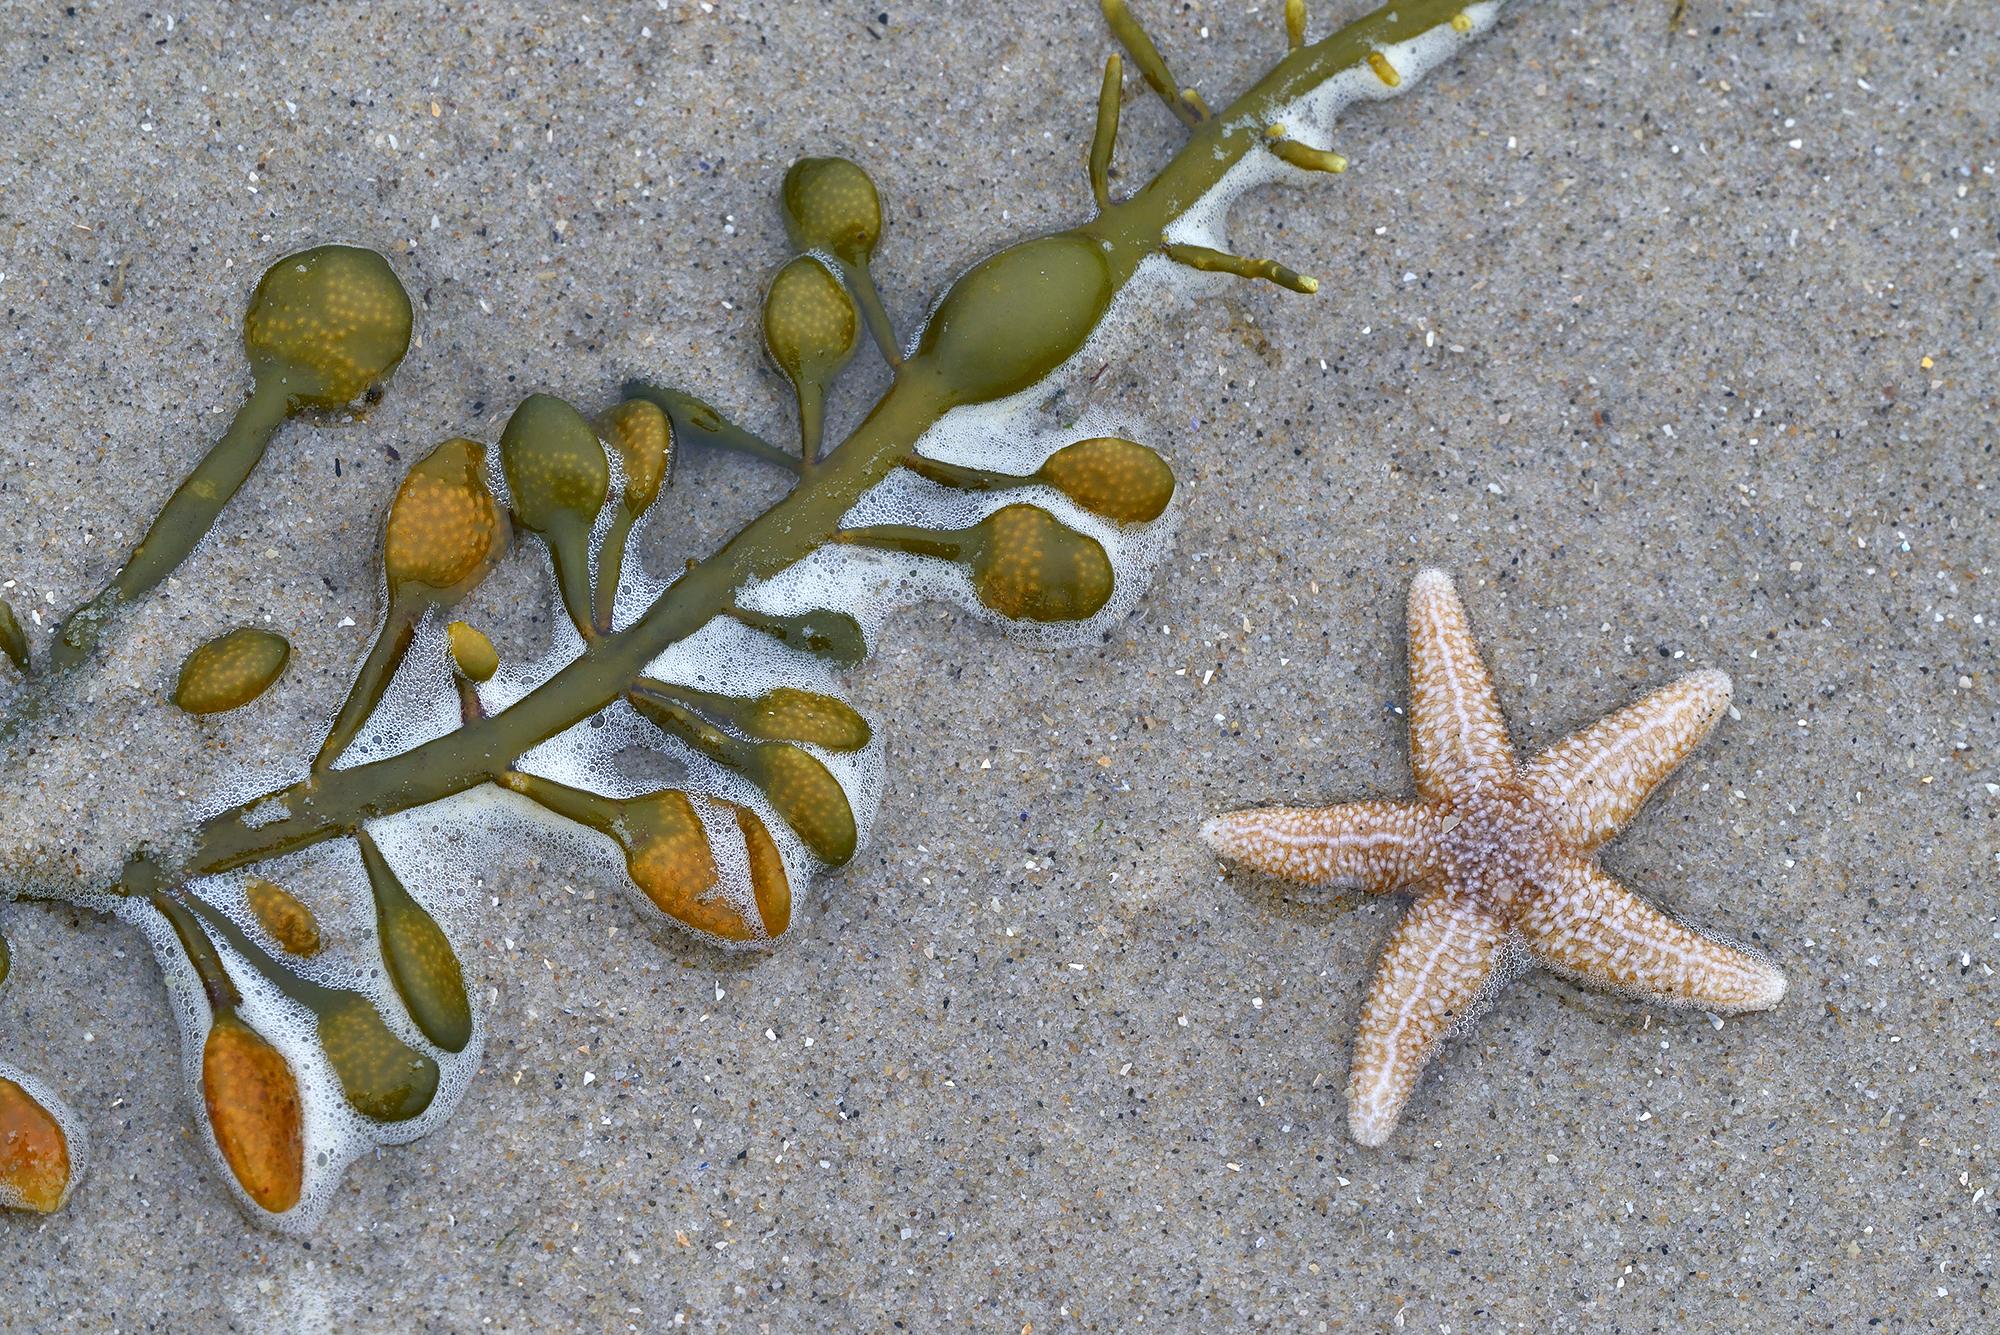 Aangespoelde zeester (Asterias rubens) en zeewier langs de vloedlijn op het strand van Castricum aan Zee.